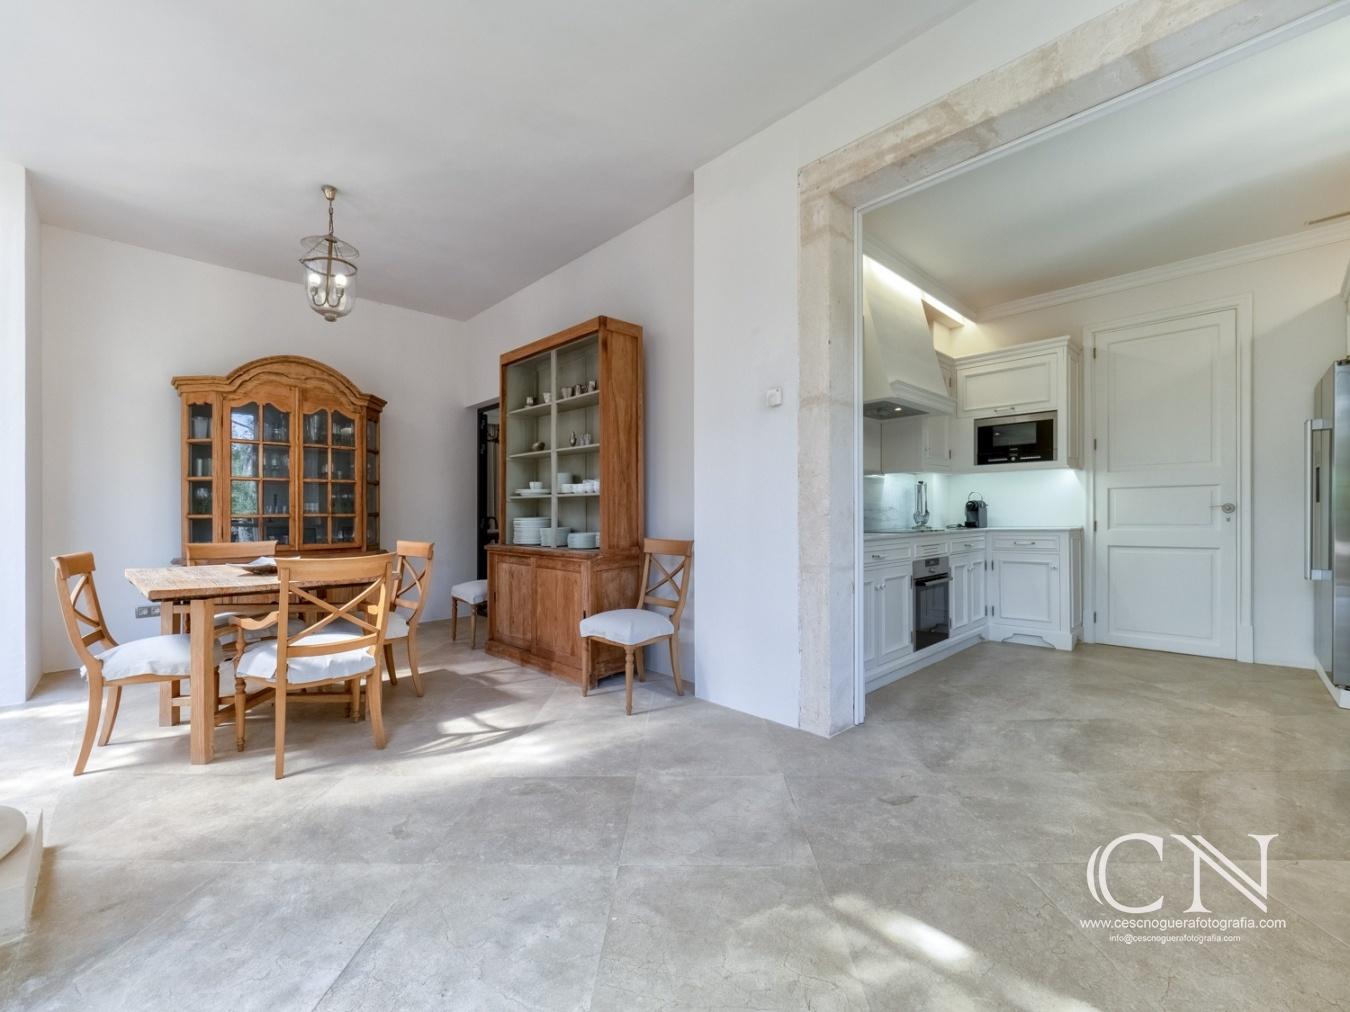 Villa en sa Rapita - Cesc Noguera Fotografia, Quan la fotografia és una passió.,  Architectural & Interior design photographer / Landscape Photography.